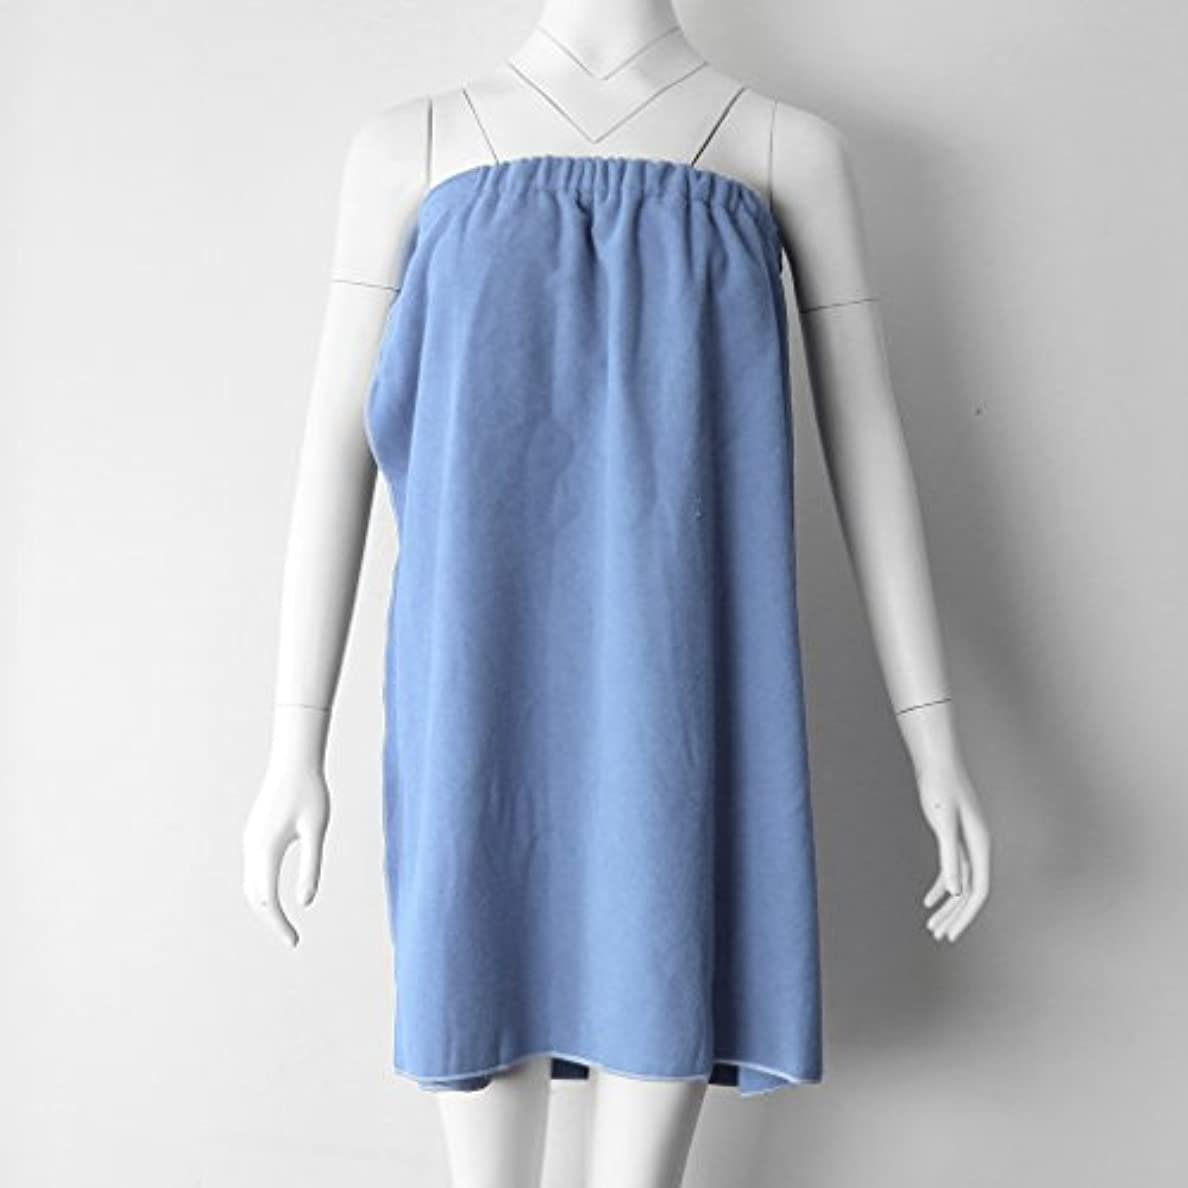 影響急ぐ変位Perfk タオルラップ バスタオル バススカート レディース シャワーラップ 約68×54cm 4色選べる - ライトブルー